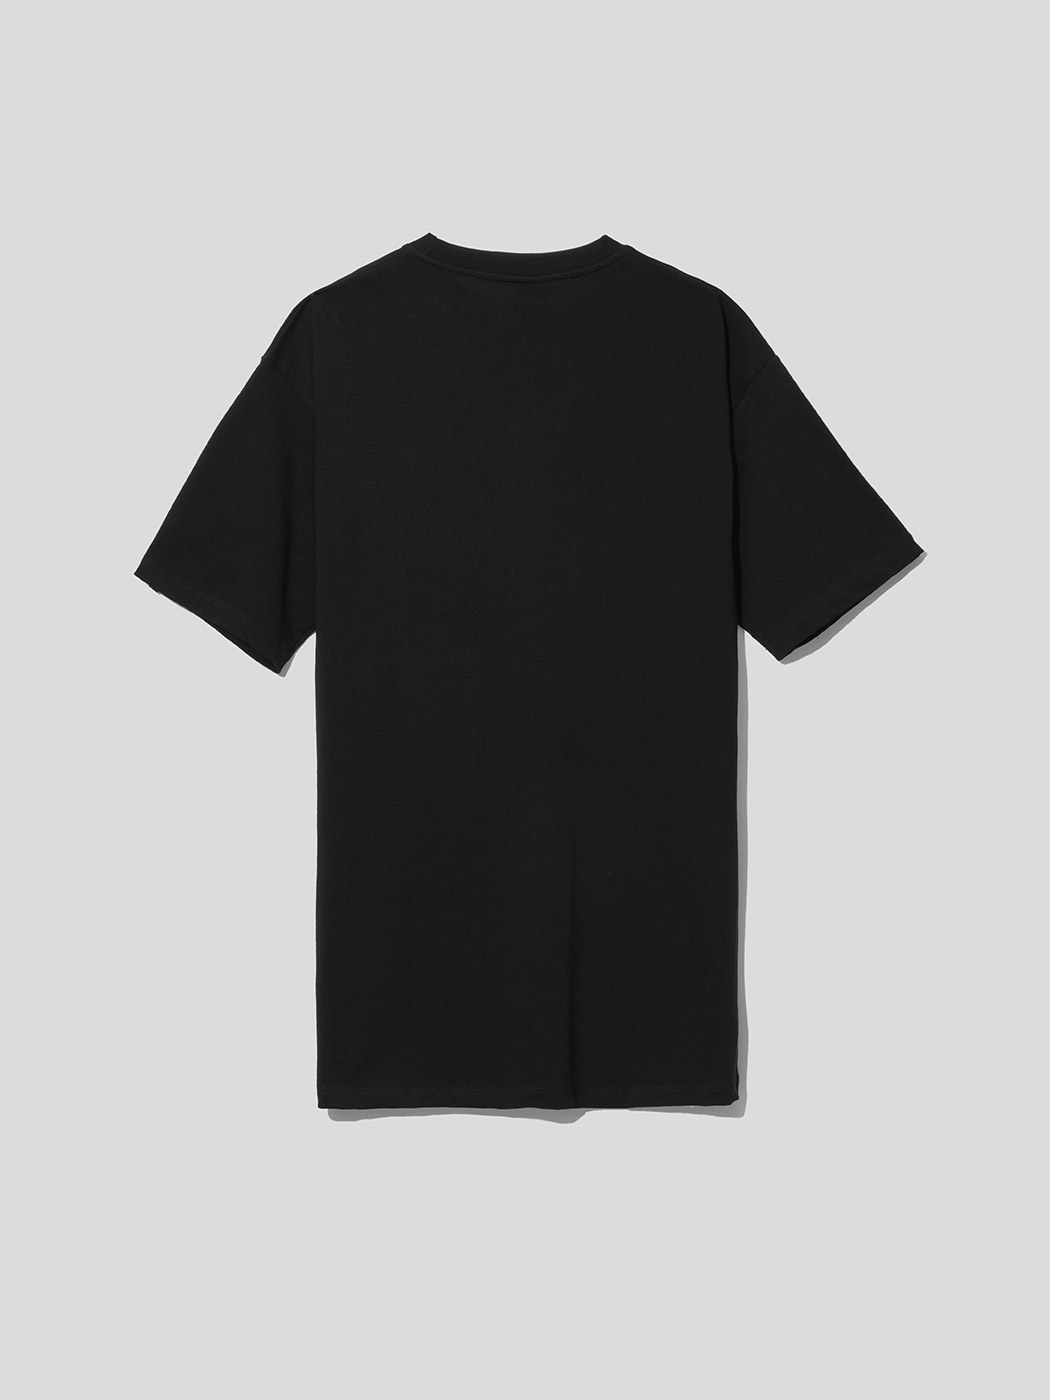 DRESS - CDFD1569 - COMME DES FKDOWN